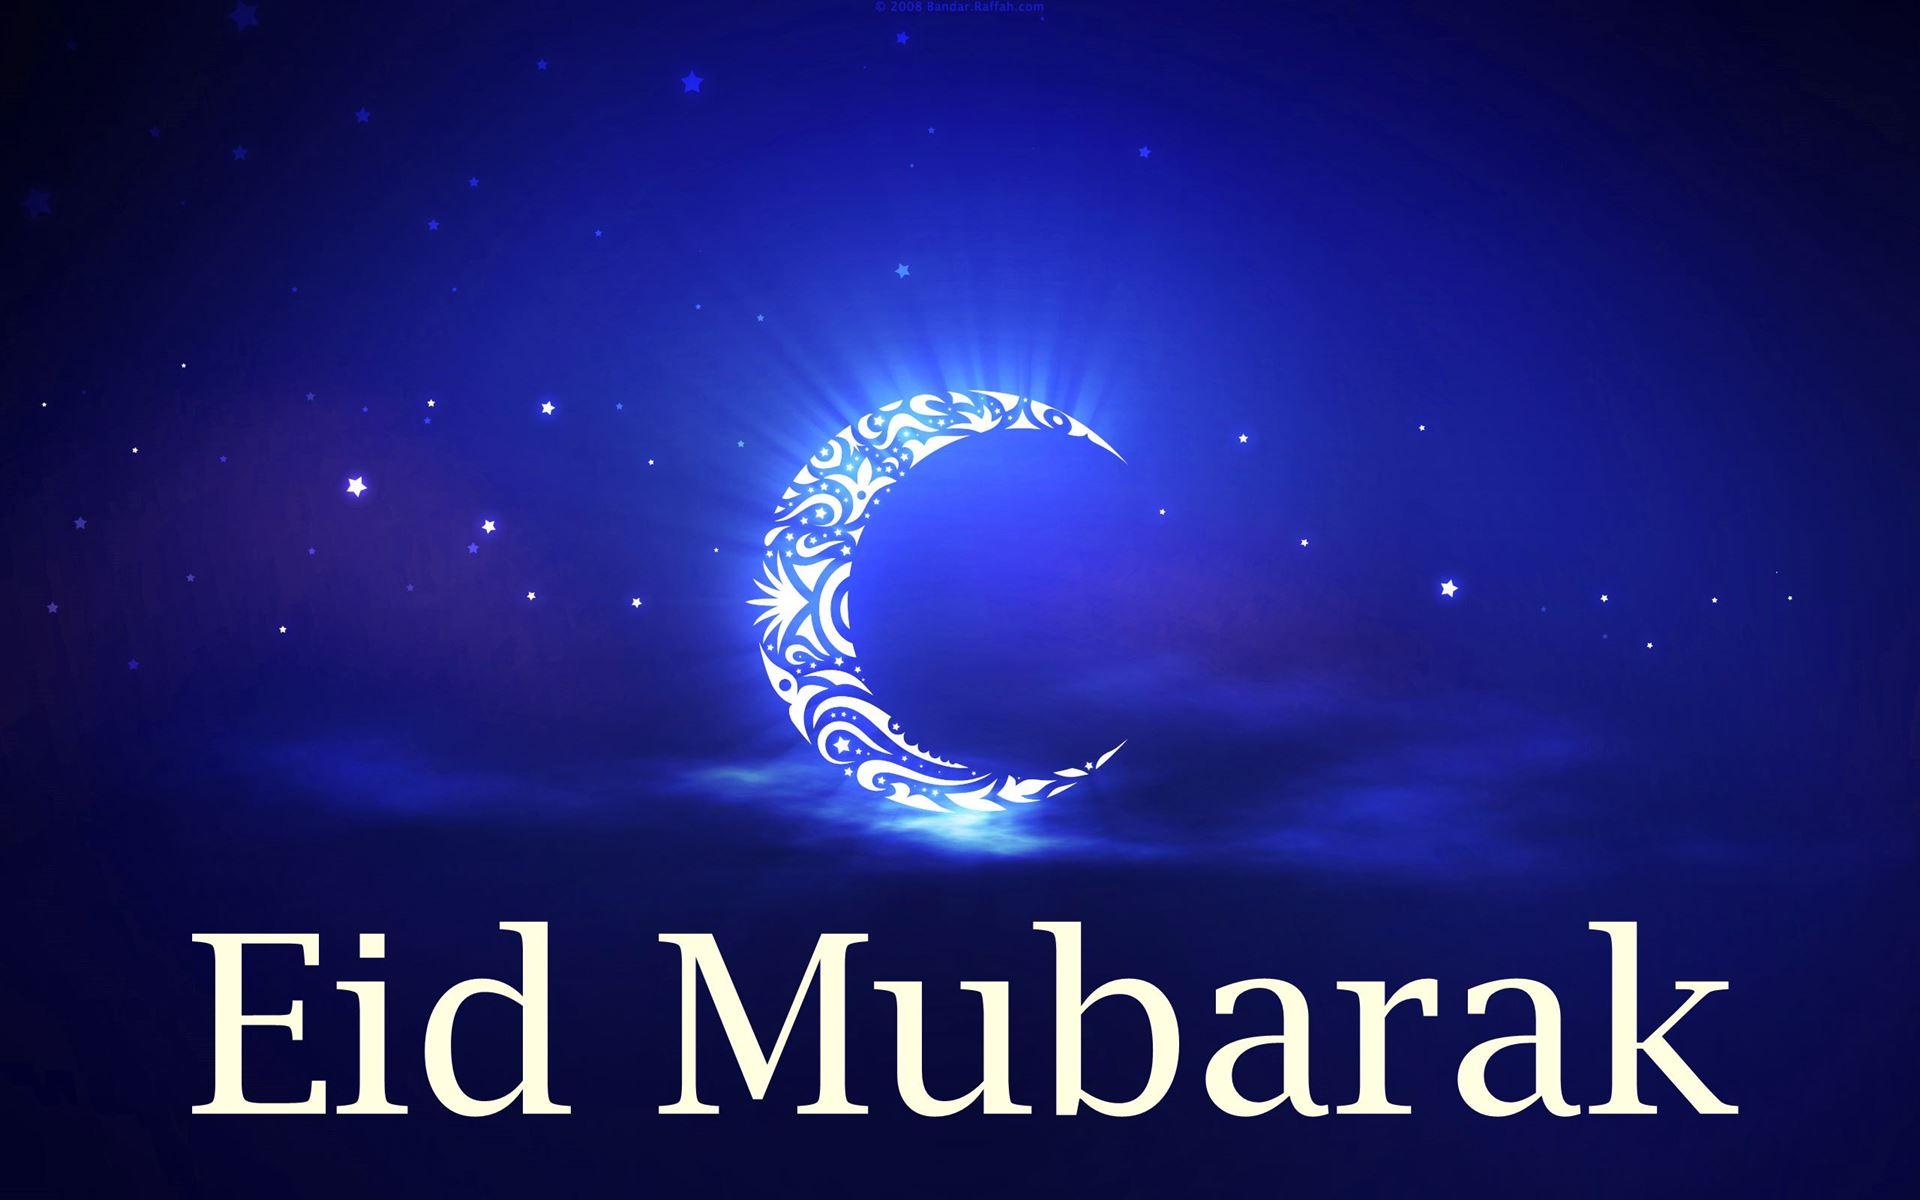 Bagaimana Respon Anda Atas Ucapan Eid Mubarak Galena